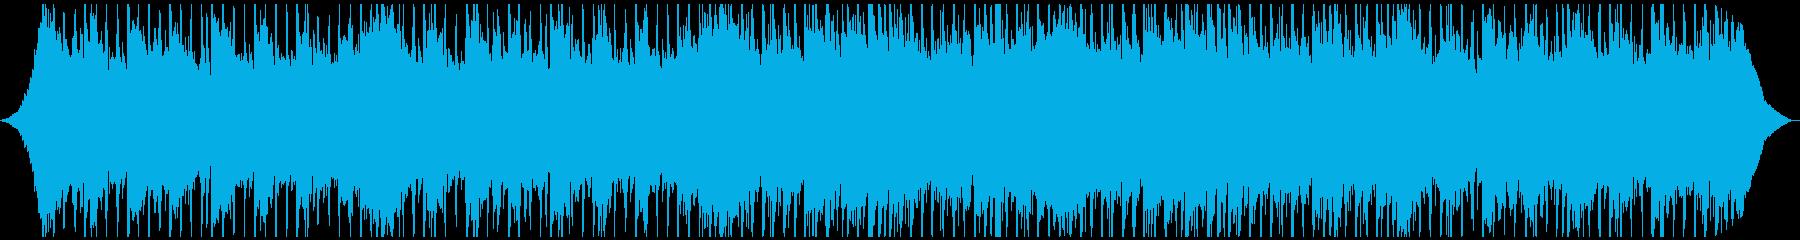 代替案 ポップ アンビエント 民謡...の再生済みの波形